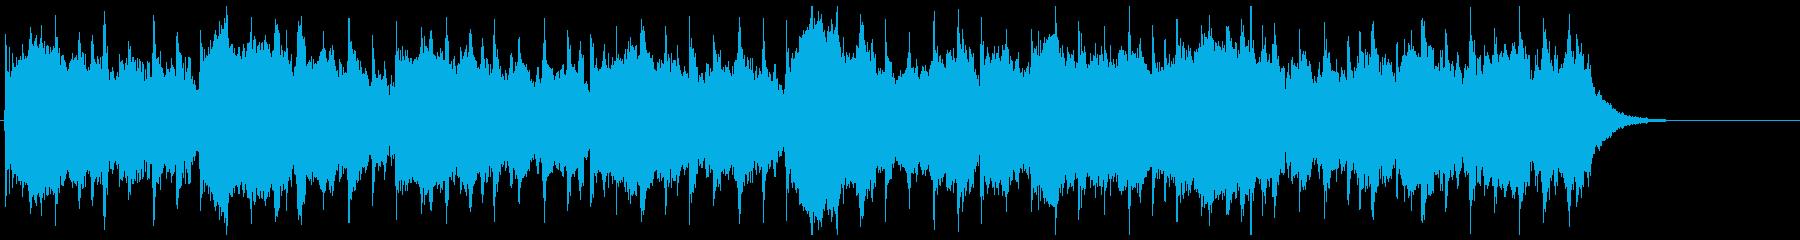 奇妙な音楽(民族的な宗教的な)の再生済みの波形